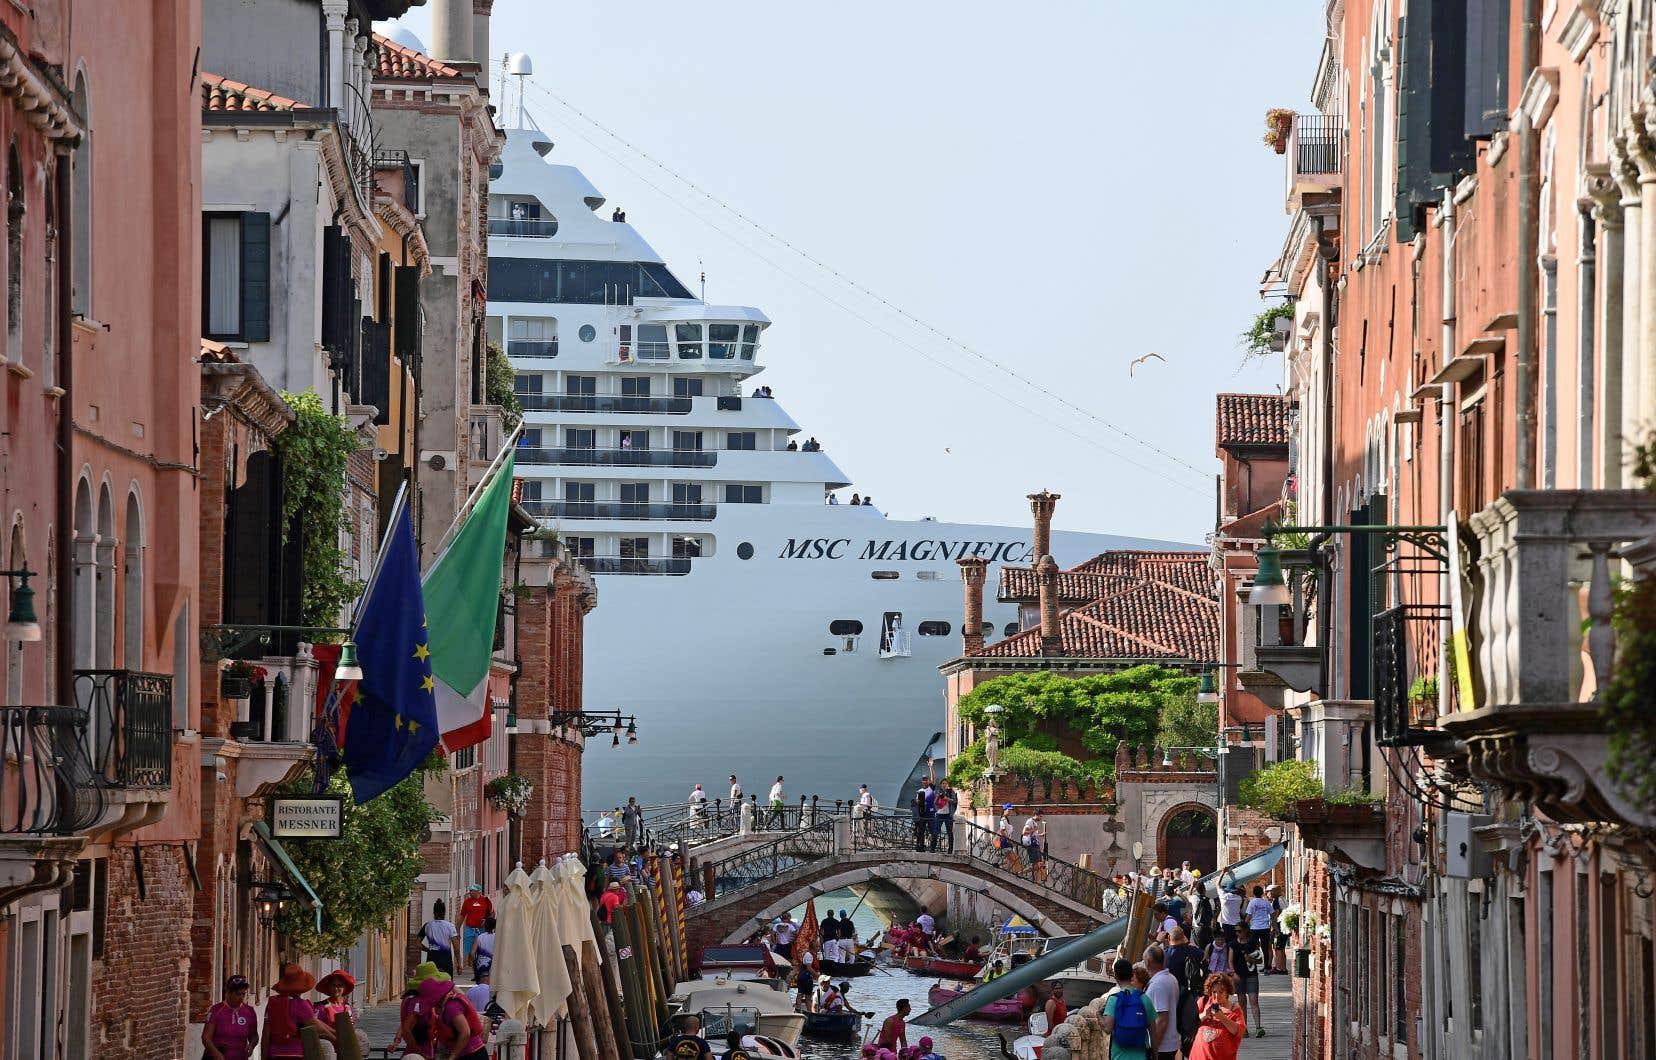 À partir de 2010, une partie des Vénitiens a commencé à se mobiliser pour repousser les navires de croisière hors du centre historique de la ville.